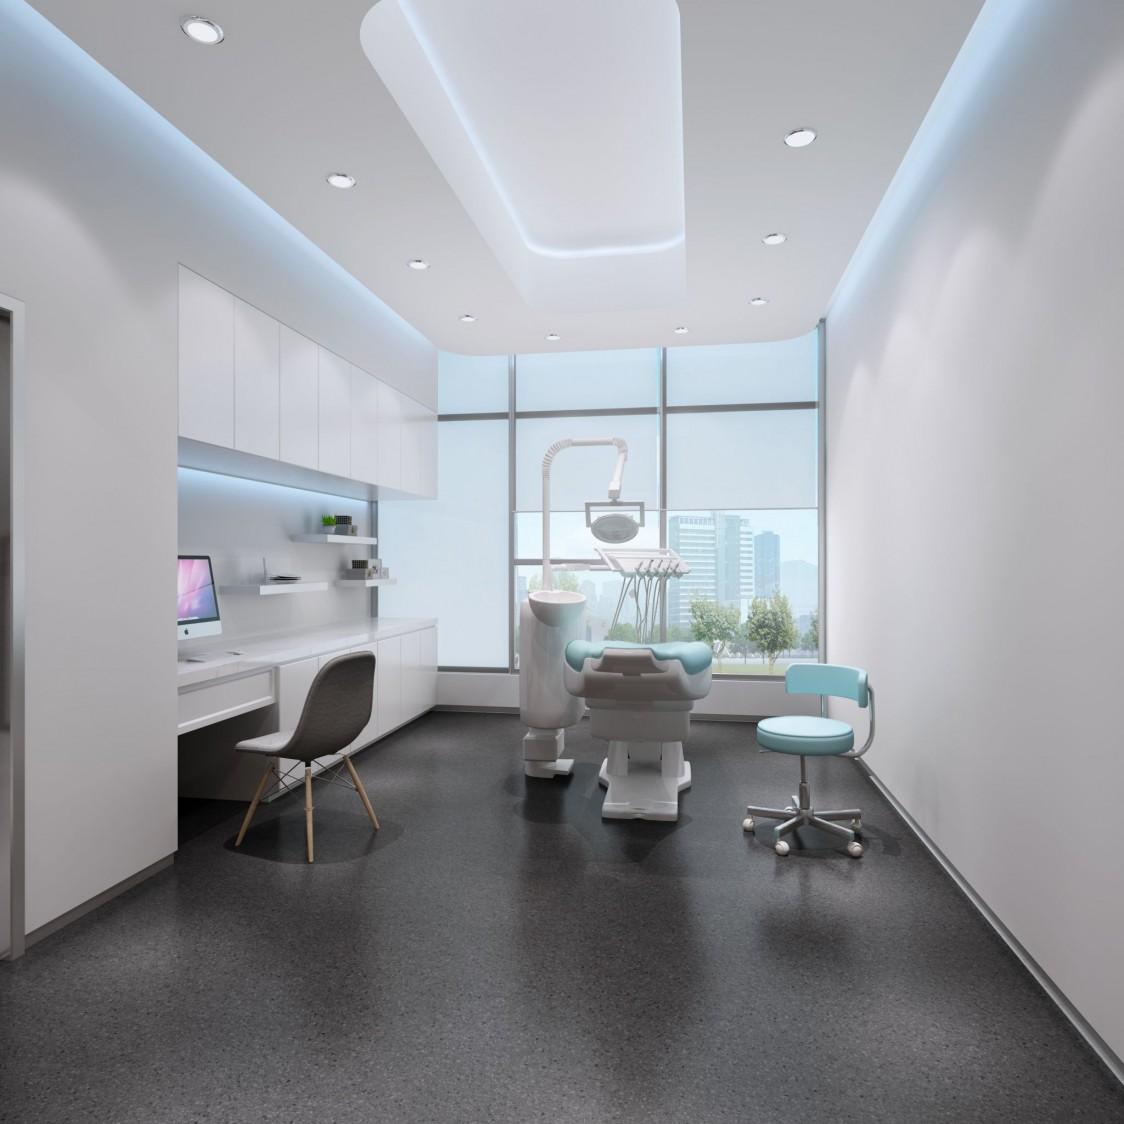 成都口腔牙科医院设计 龙普兰特牙科口腔医院装修图